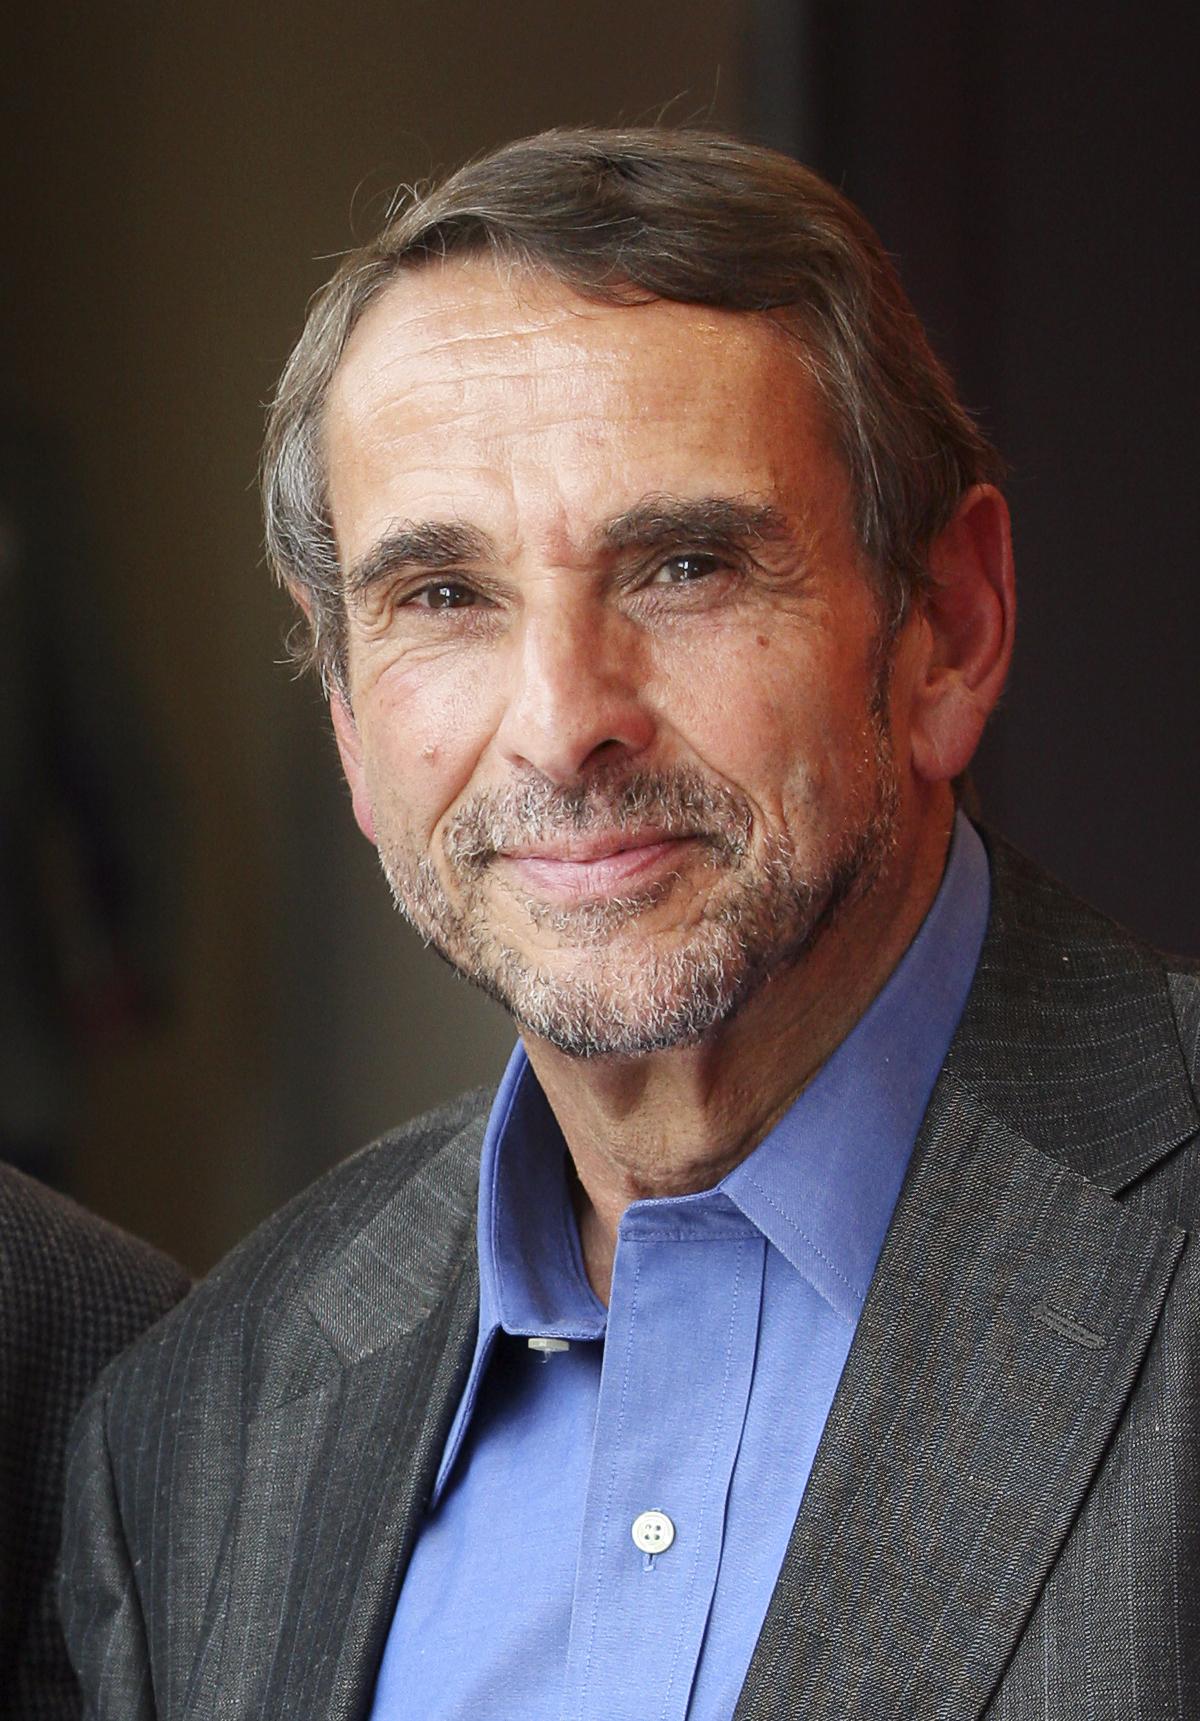 Harris in 2008